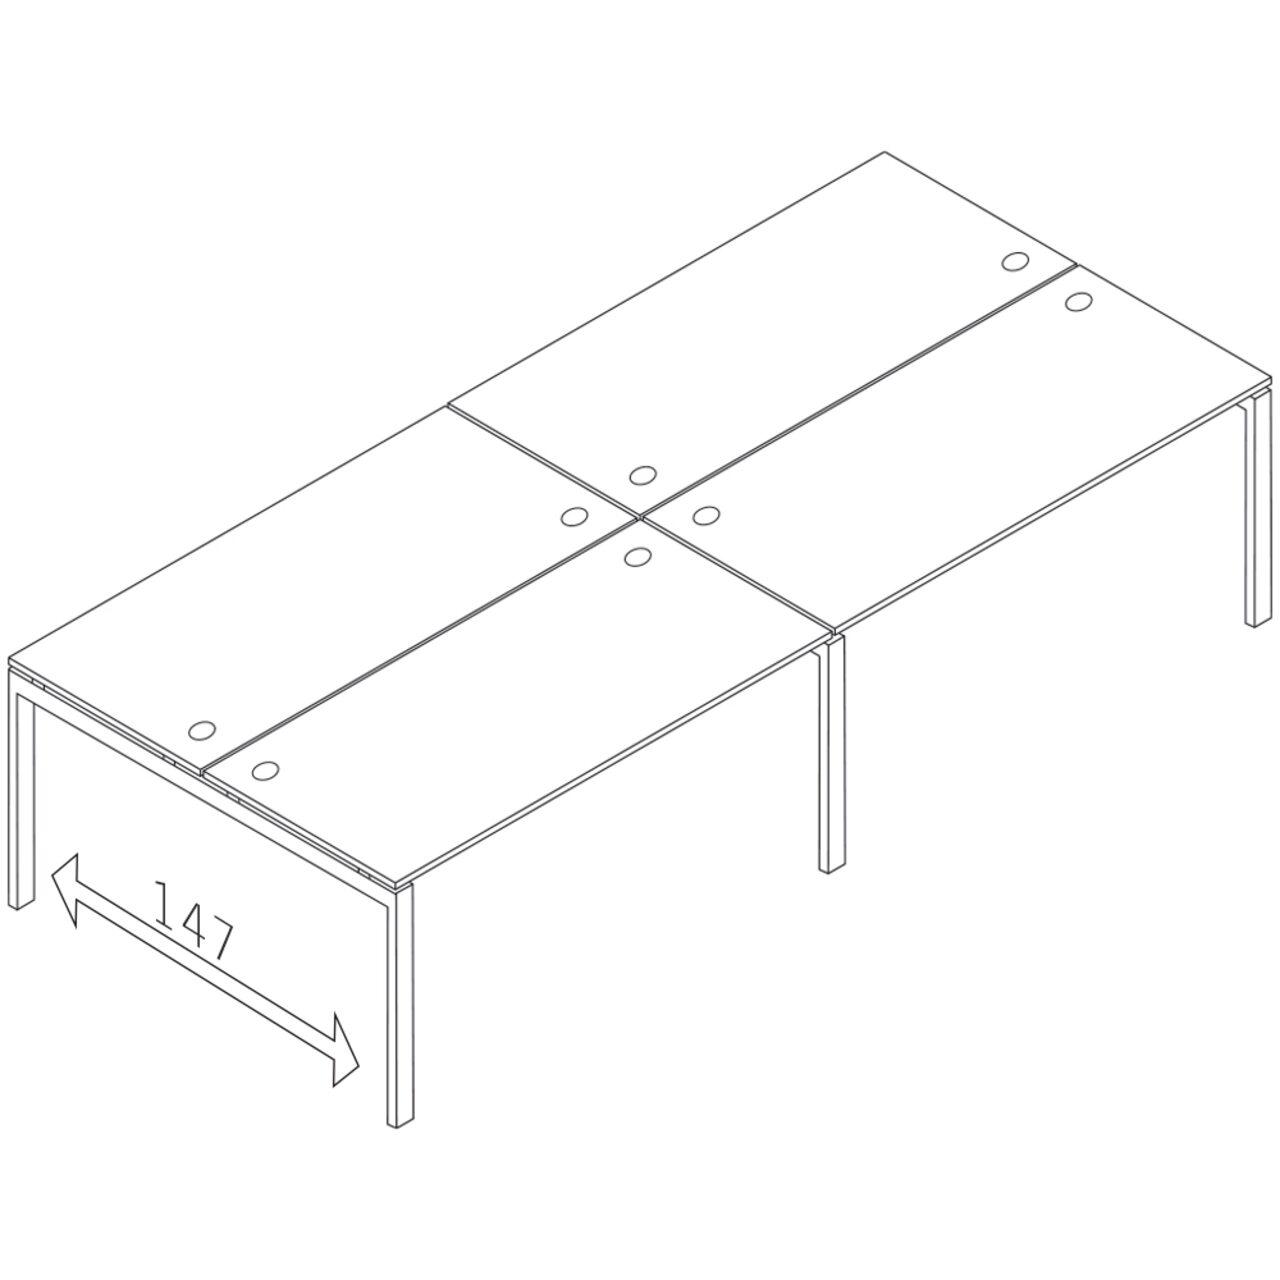 Бенч-система на 4 места  TREND 320x148x75 - фото 1